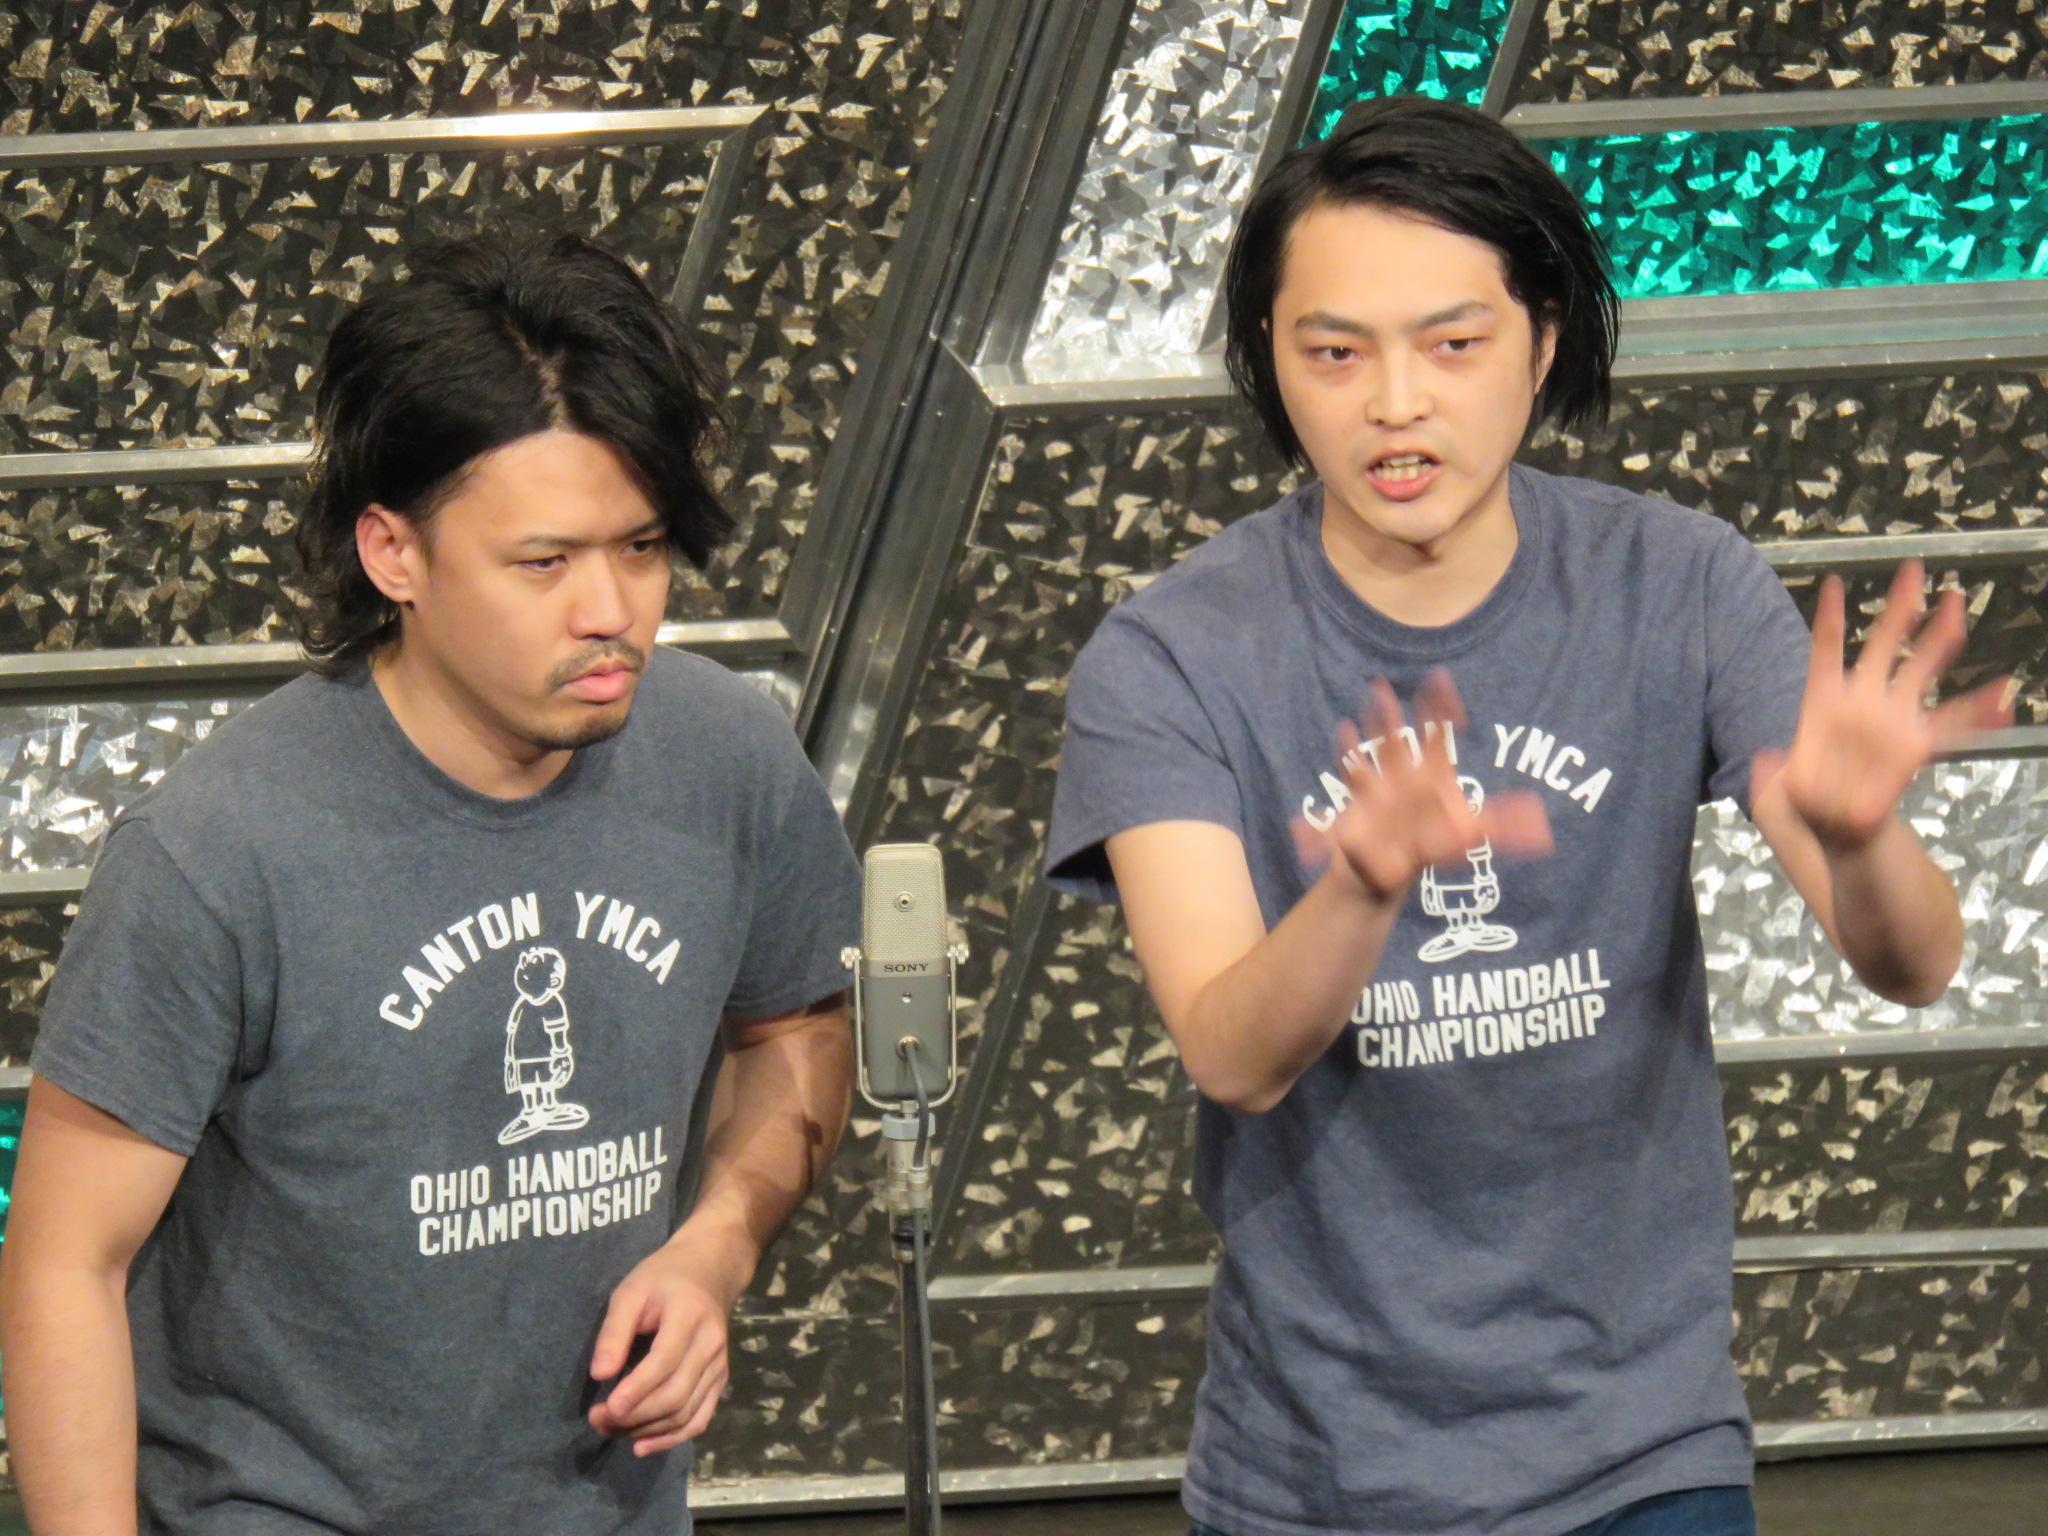 http://news.yoshimoto.co.jp/20160229144417-673728f62302dff374d5804ee0d70cfe6a406de6.jpg